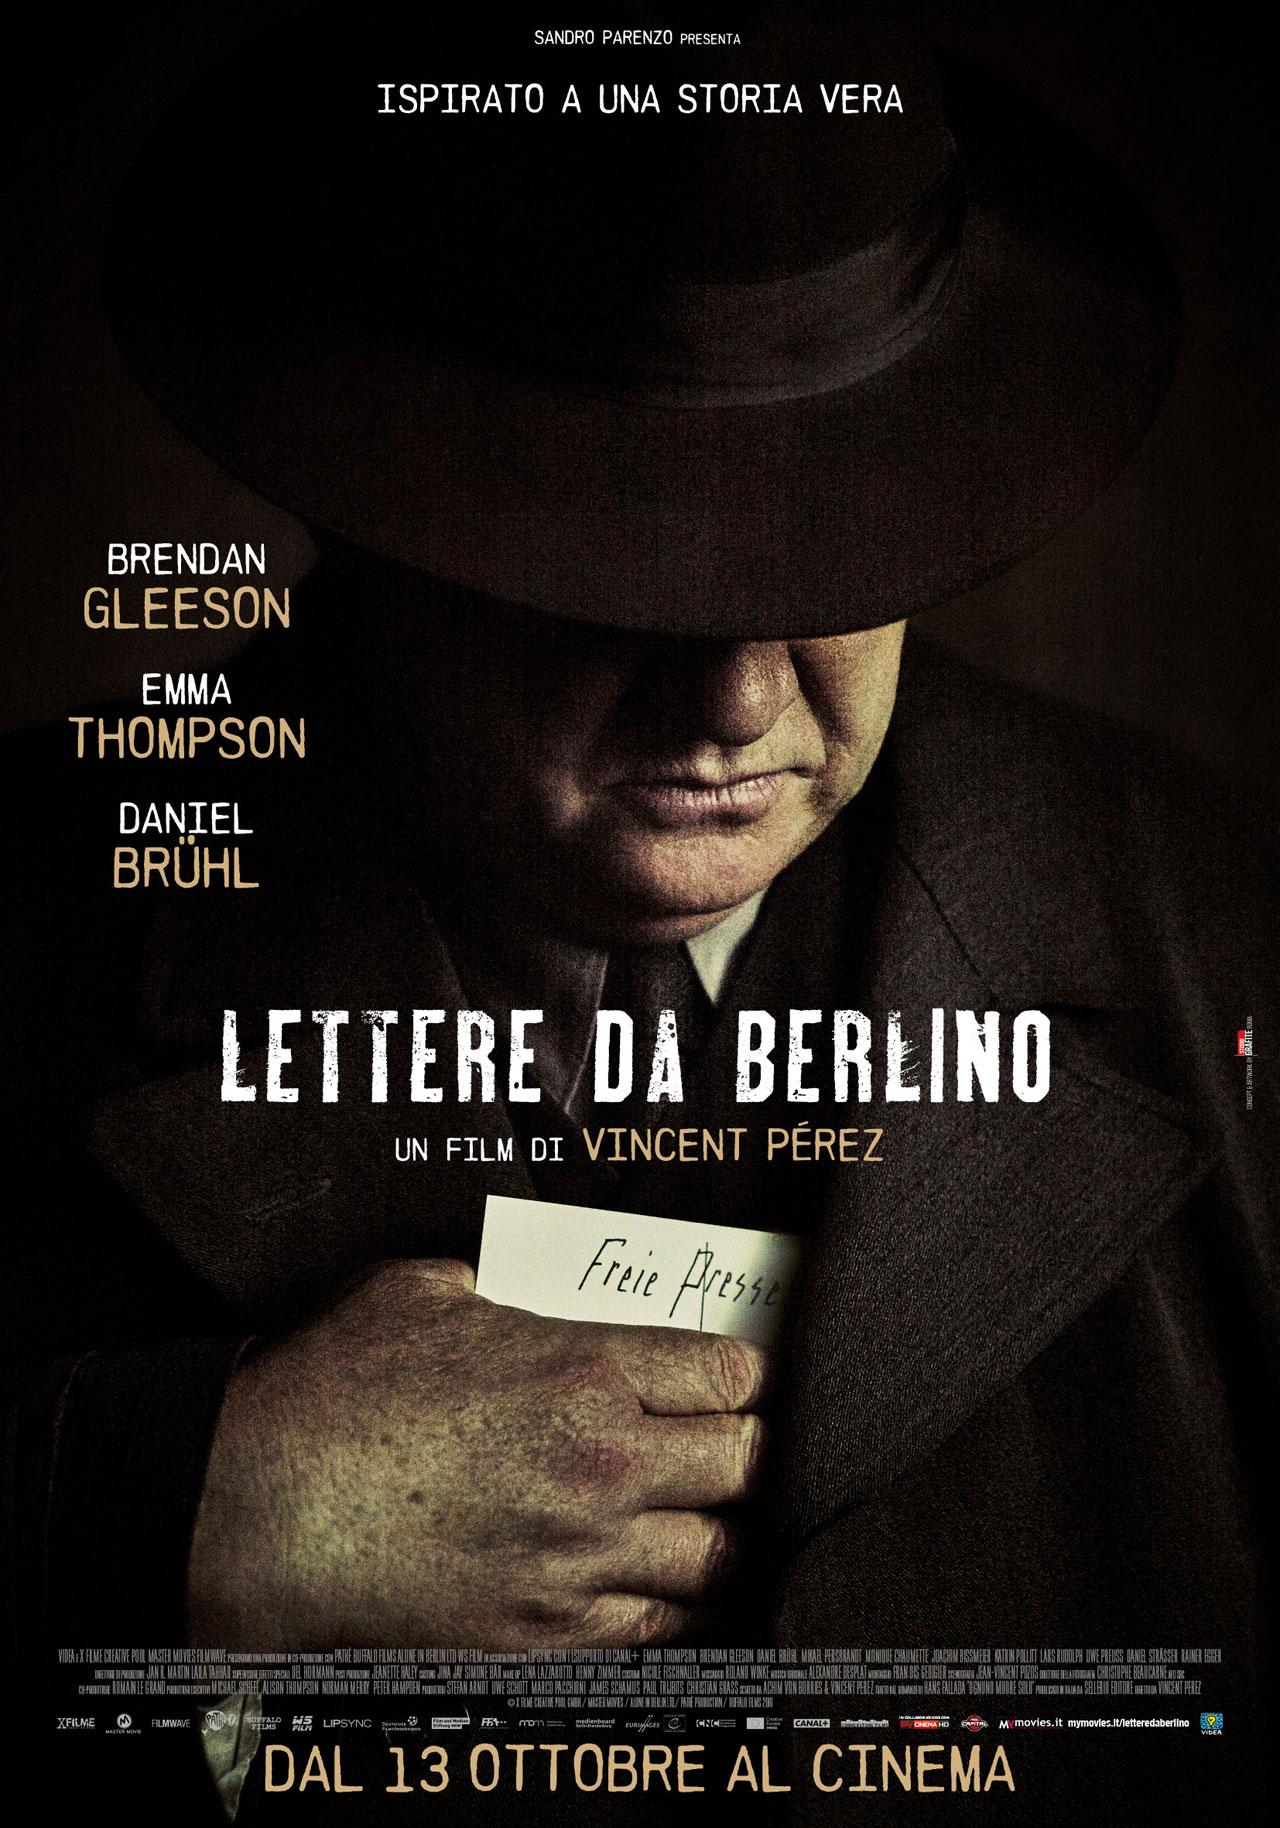 lettere da berlino - photo #2